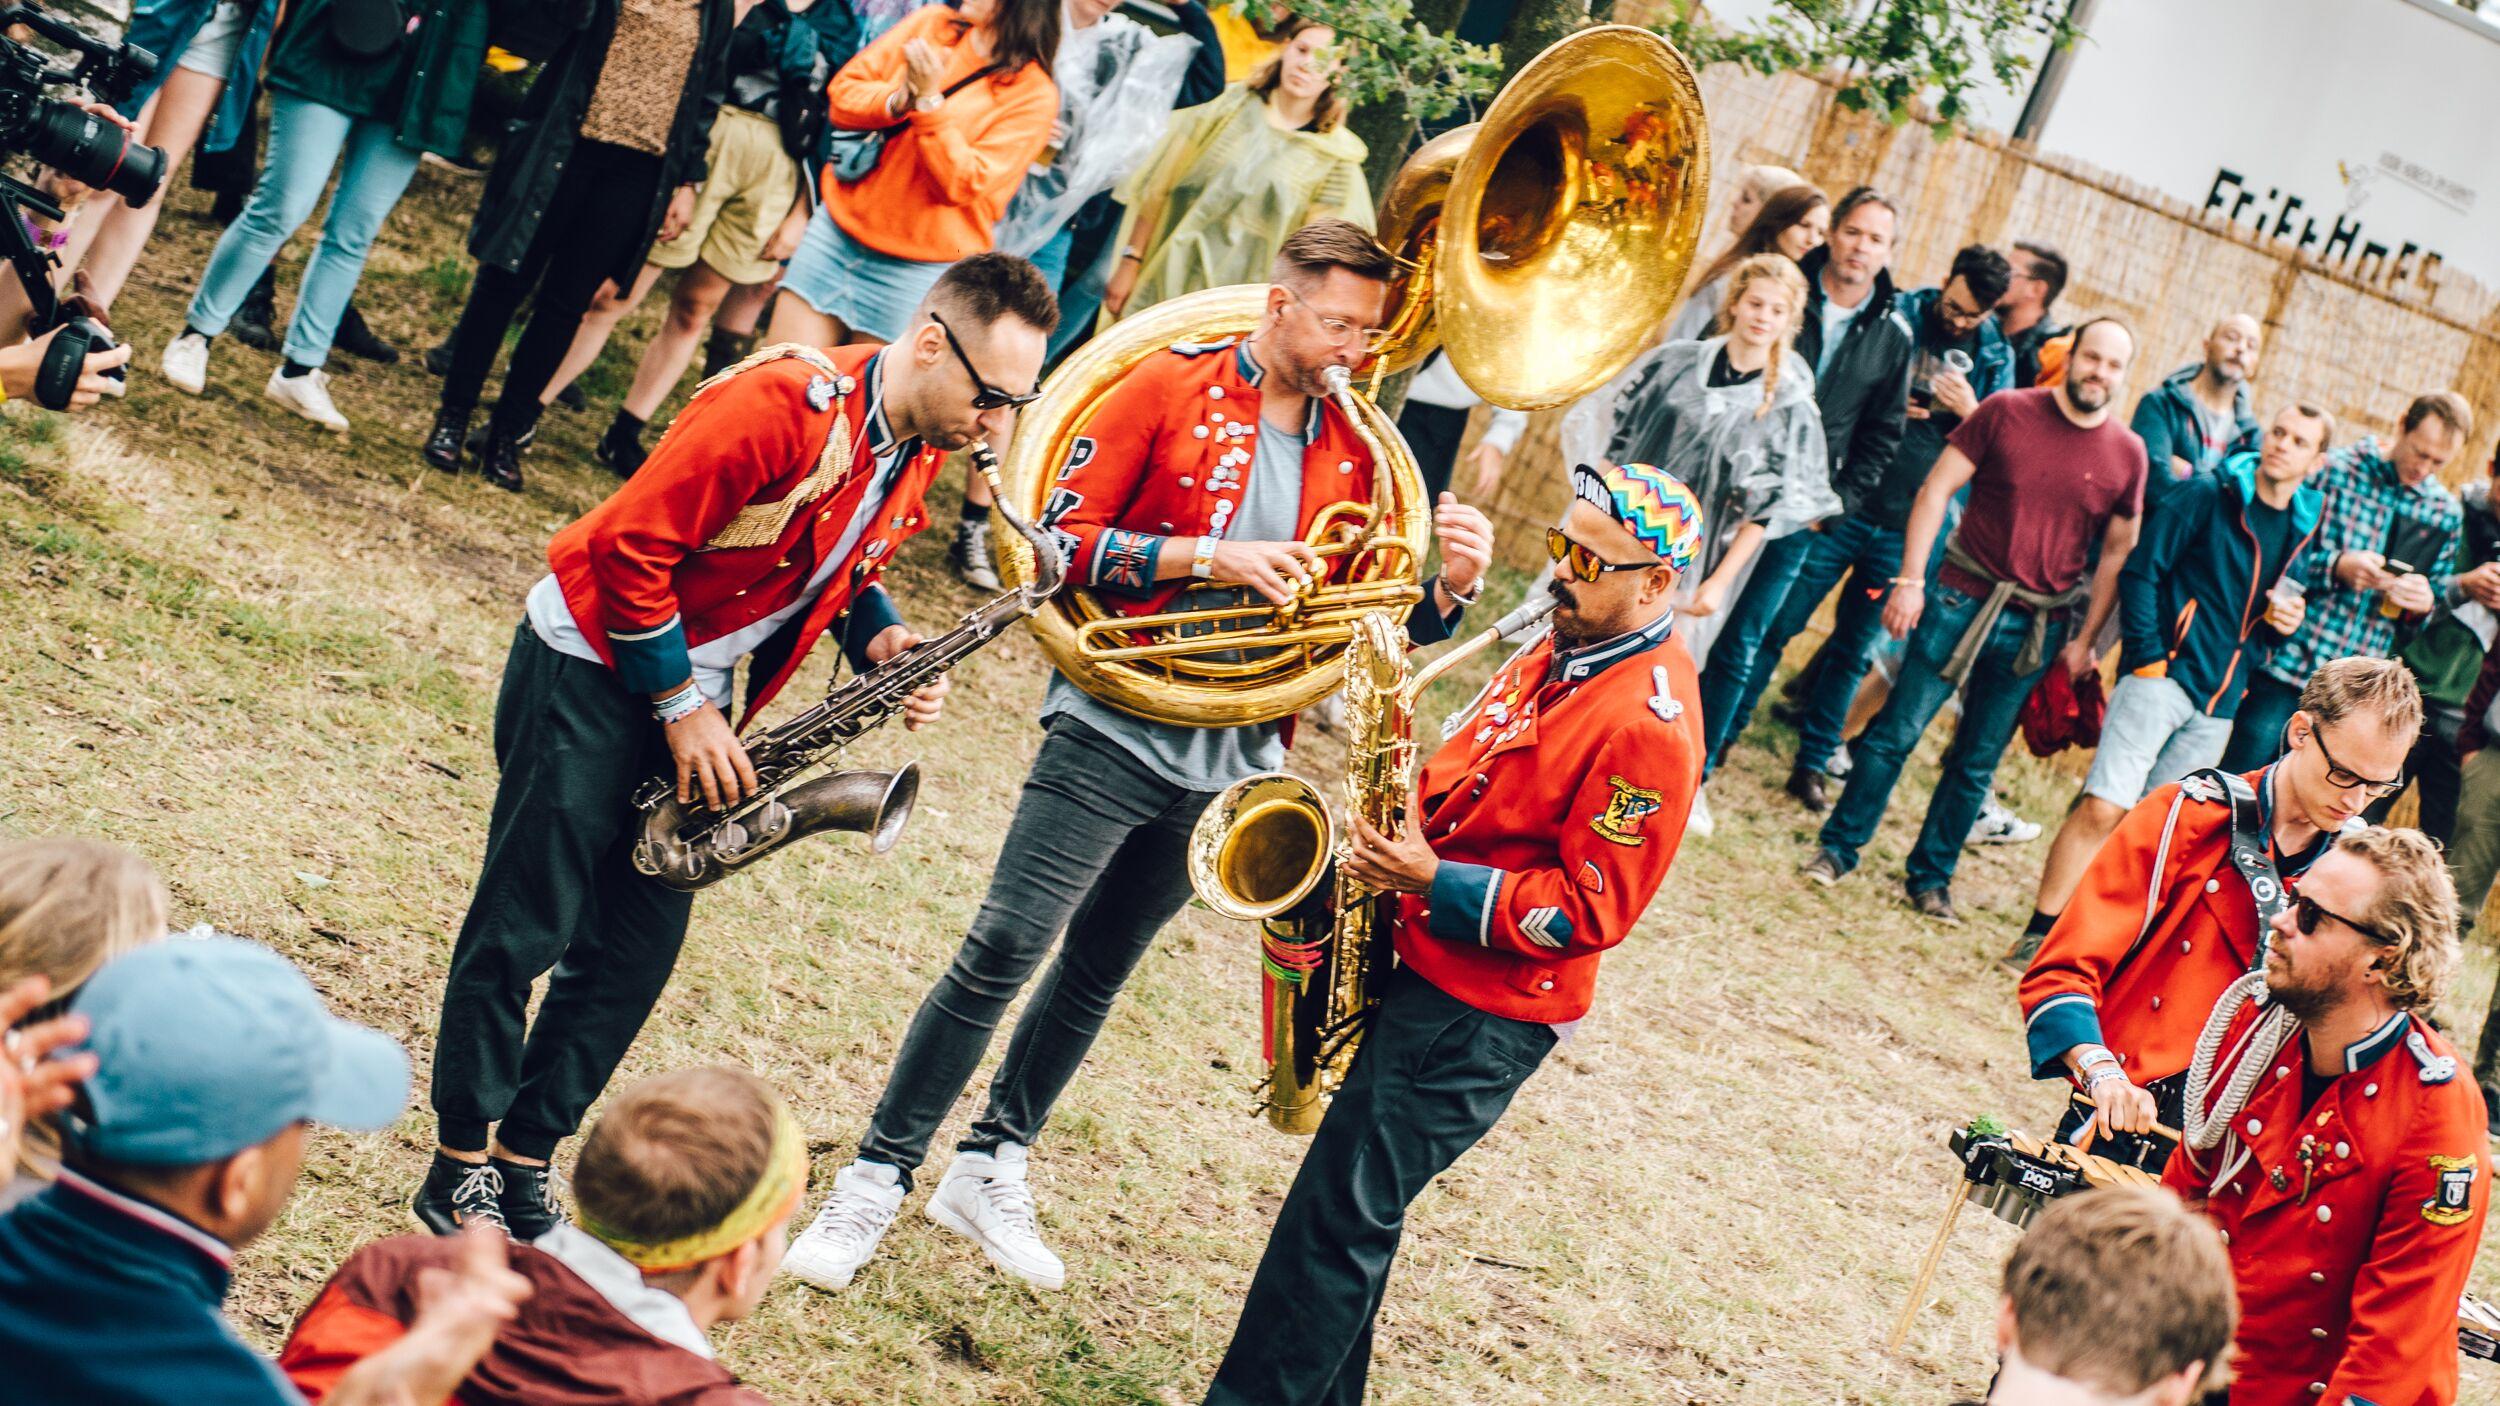 Meute tijdens Pukkelpop 2019 - Fotocredits: Michiel Jaspers - Bron: Persfoto Pukkelpop